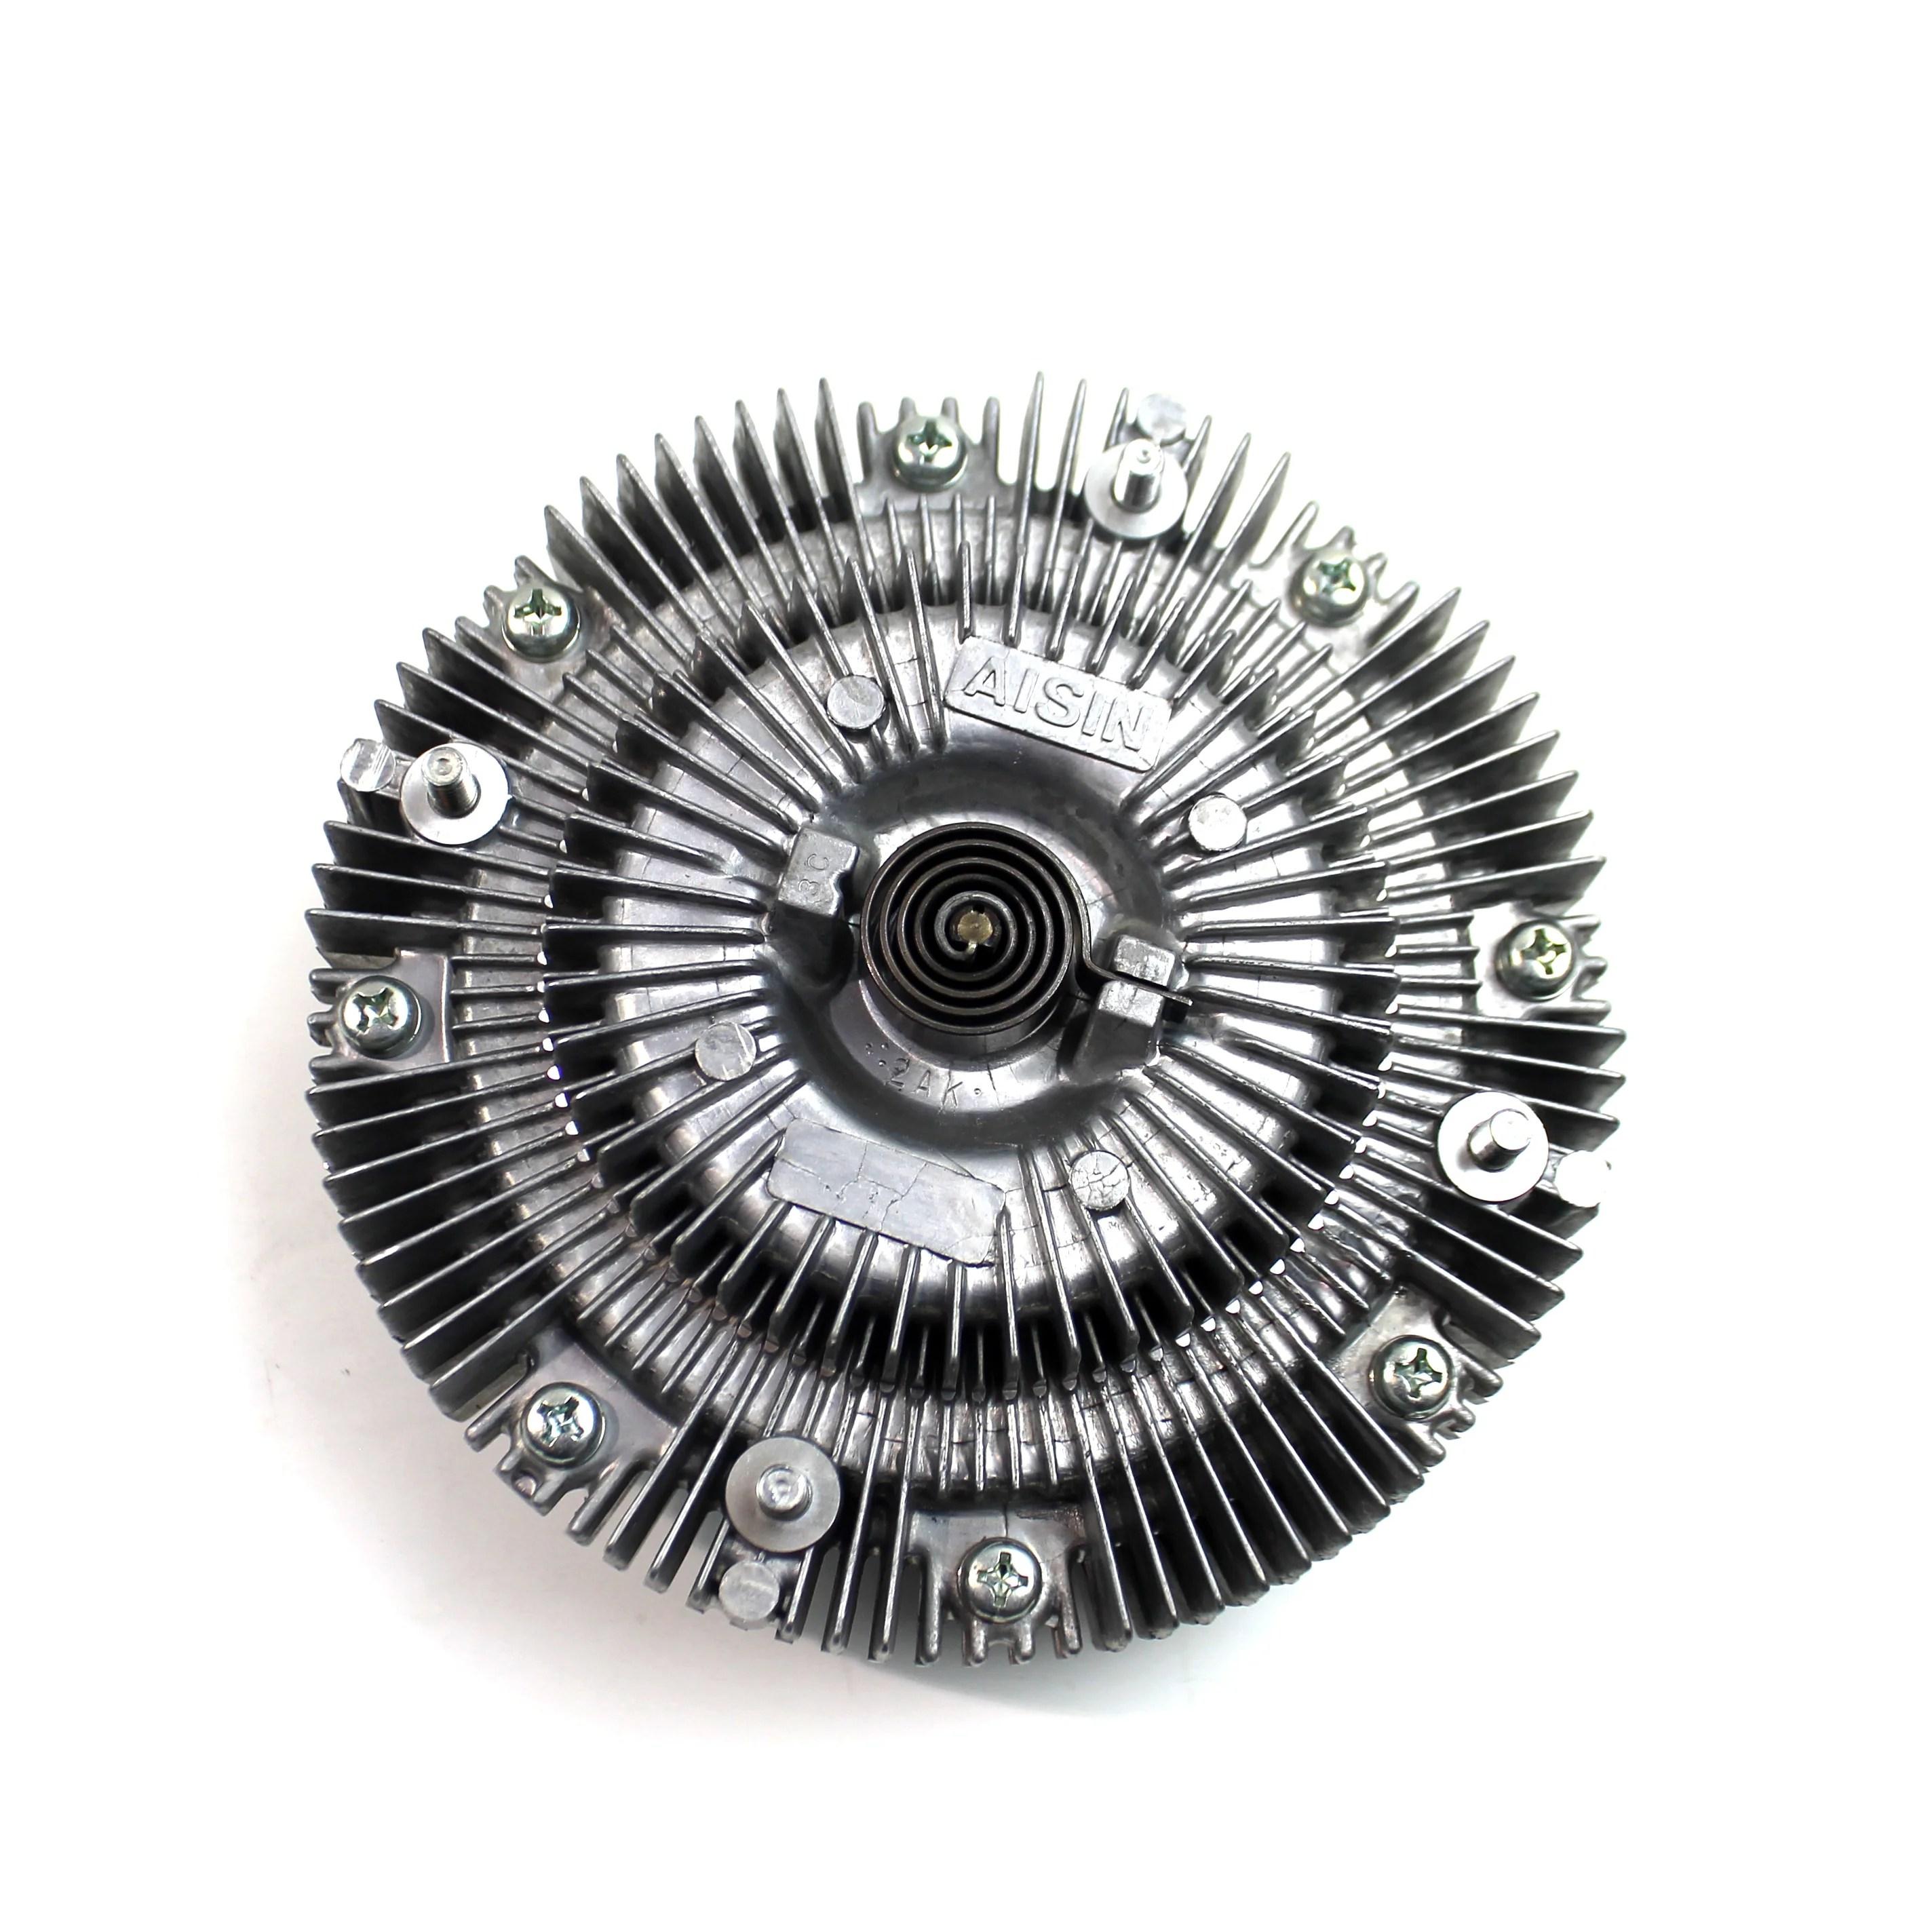 aisin cooling fan clutch fj80  [ 2848 x 2848 Pixel ]